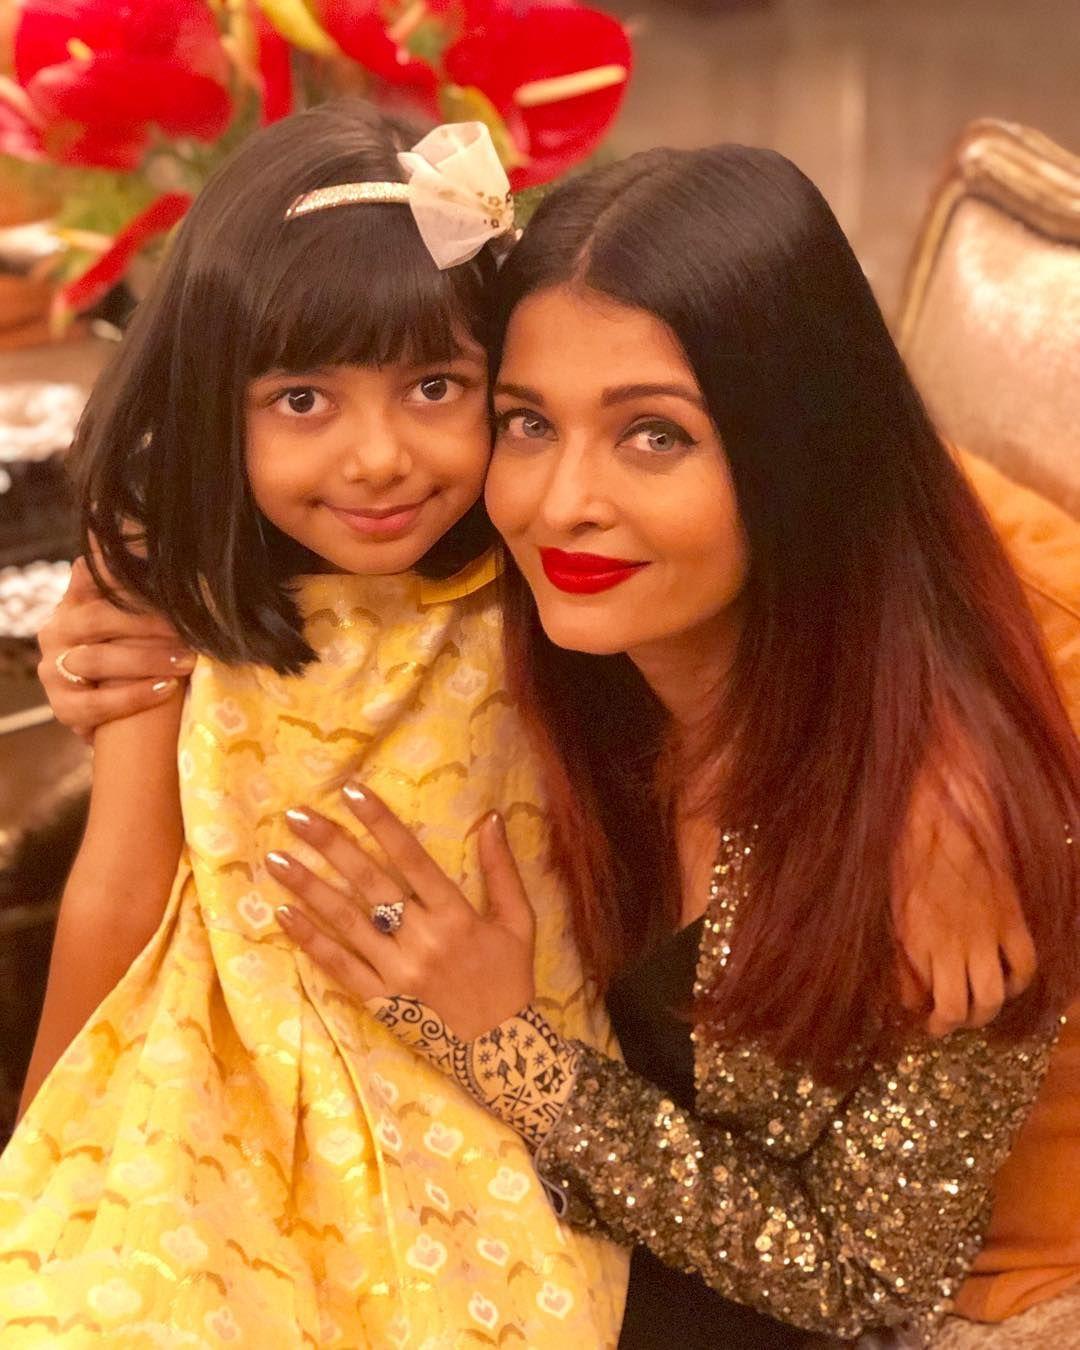 656 8k Likes 4 784 Comments Aishwaryaraibachchan Aishwaryaraibachchan Arb On Instagram Happy 7th Birthday My Darling Angel Aaradhya You Are